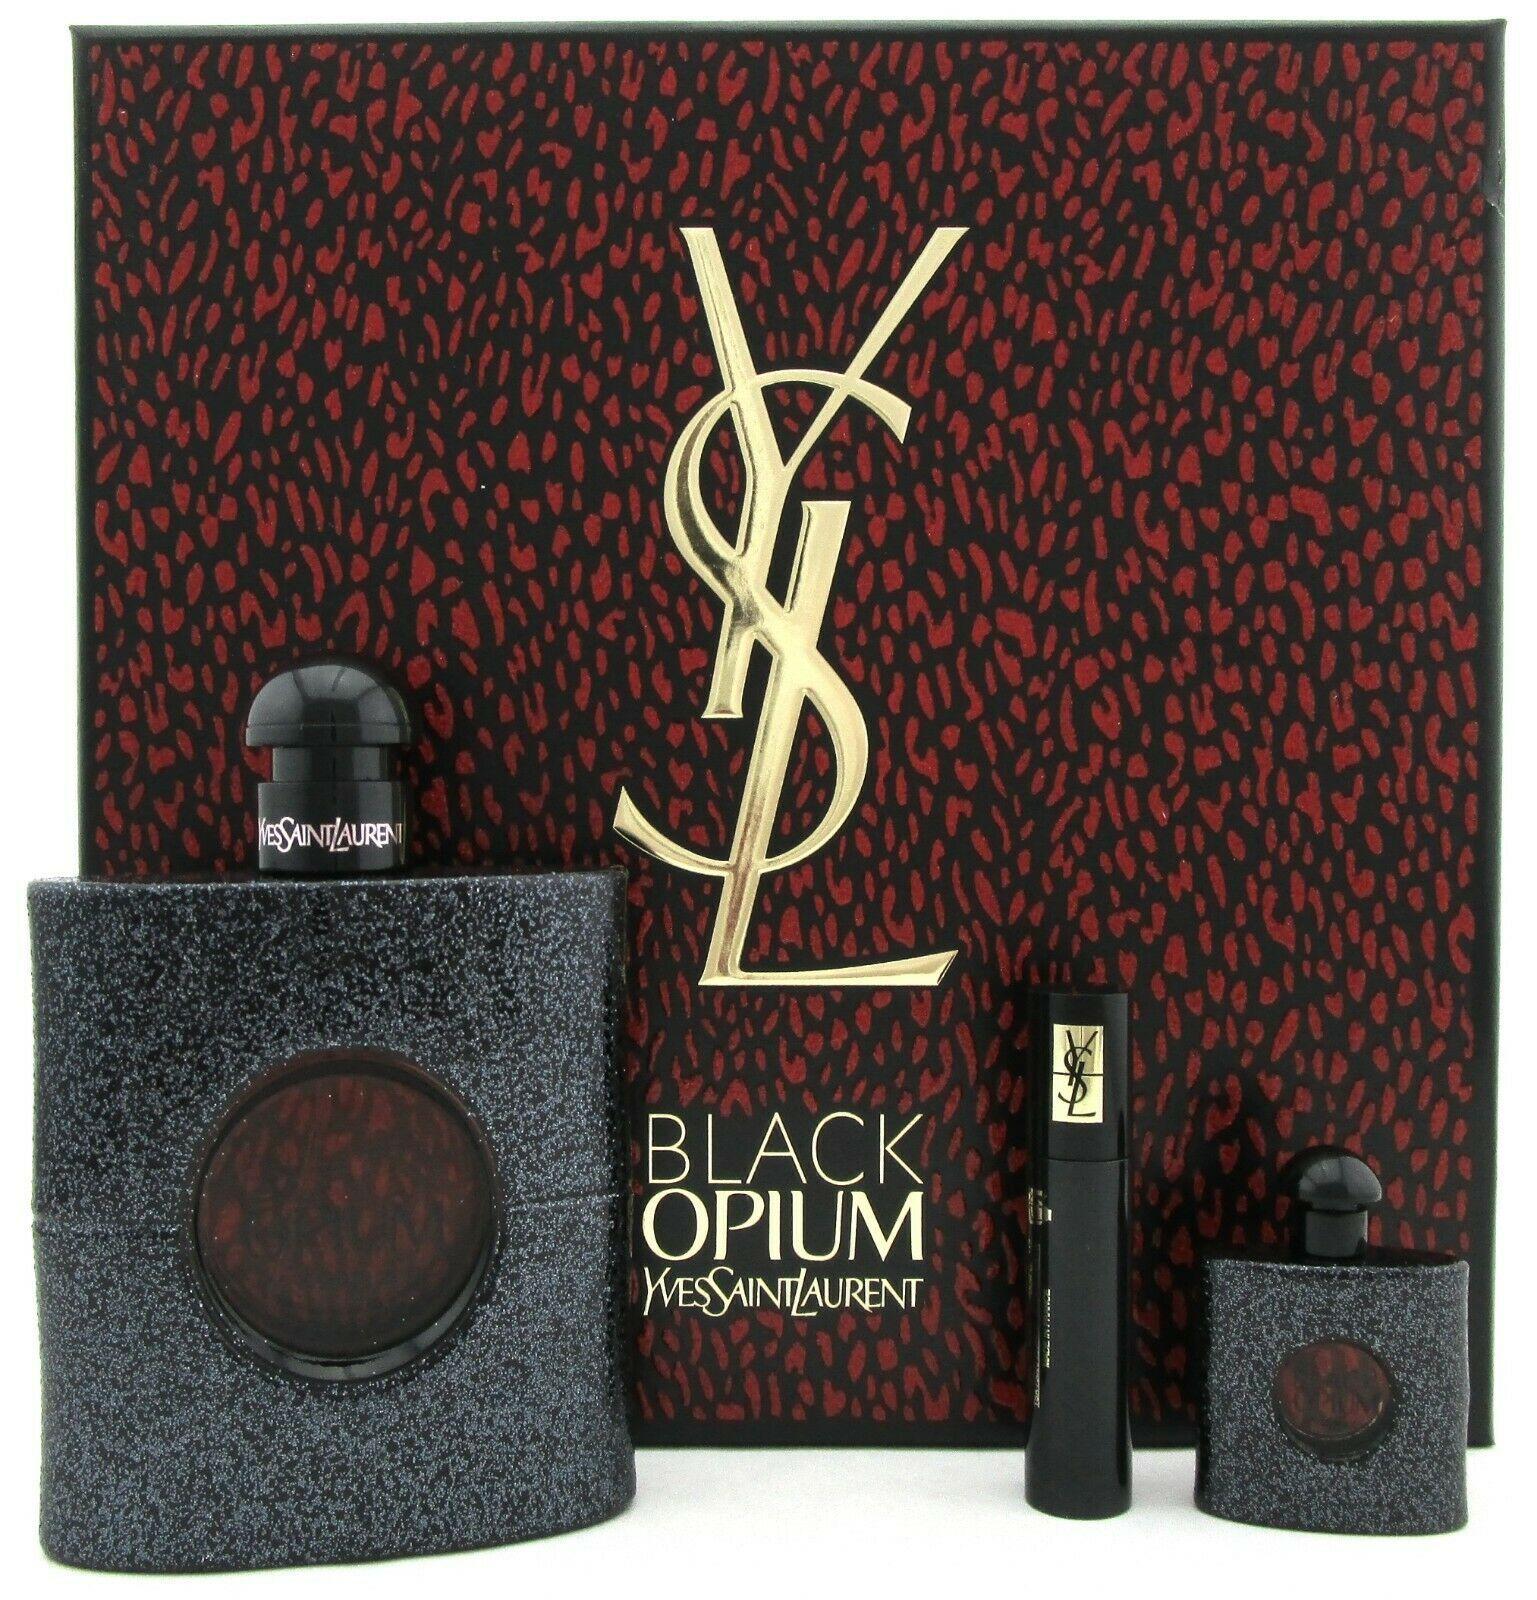 Aaaaaayves saint laurent manifest perfume gift set